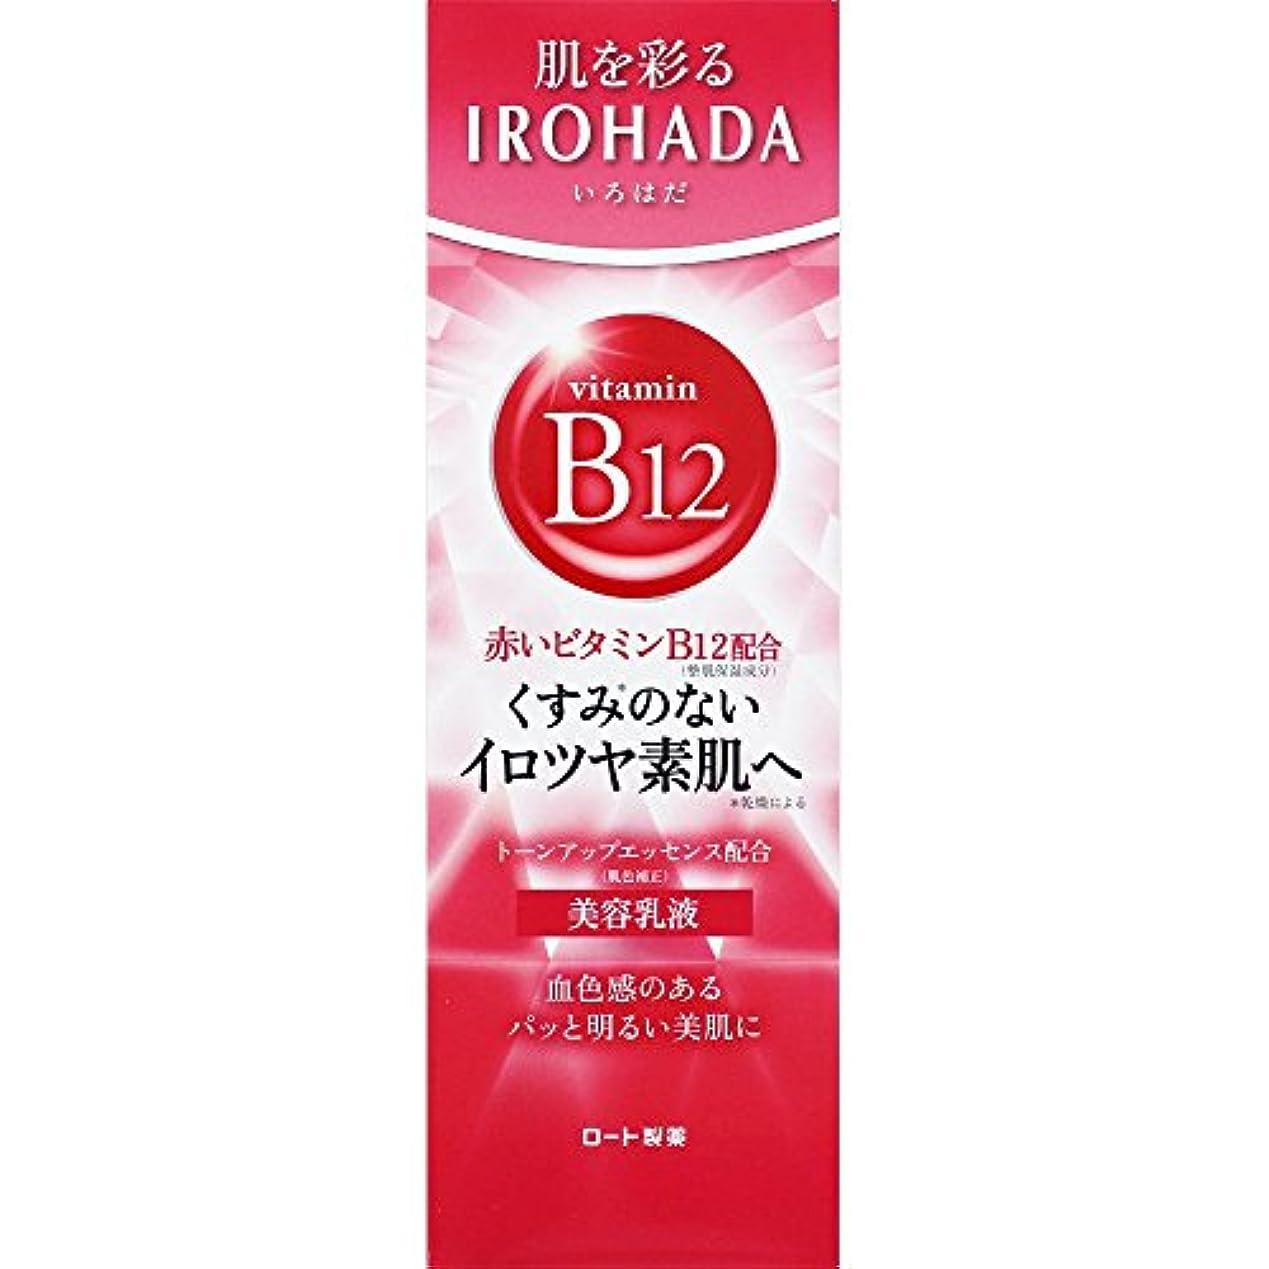 かなりステートメント許可ロート製薬 いろはだ (IROHADA) 赤いビタミンB12×スクワラン配合 美容乳液 110g